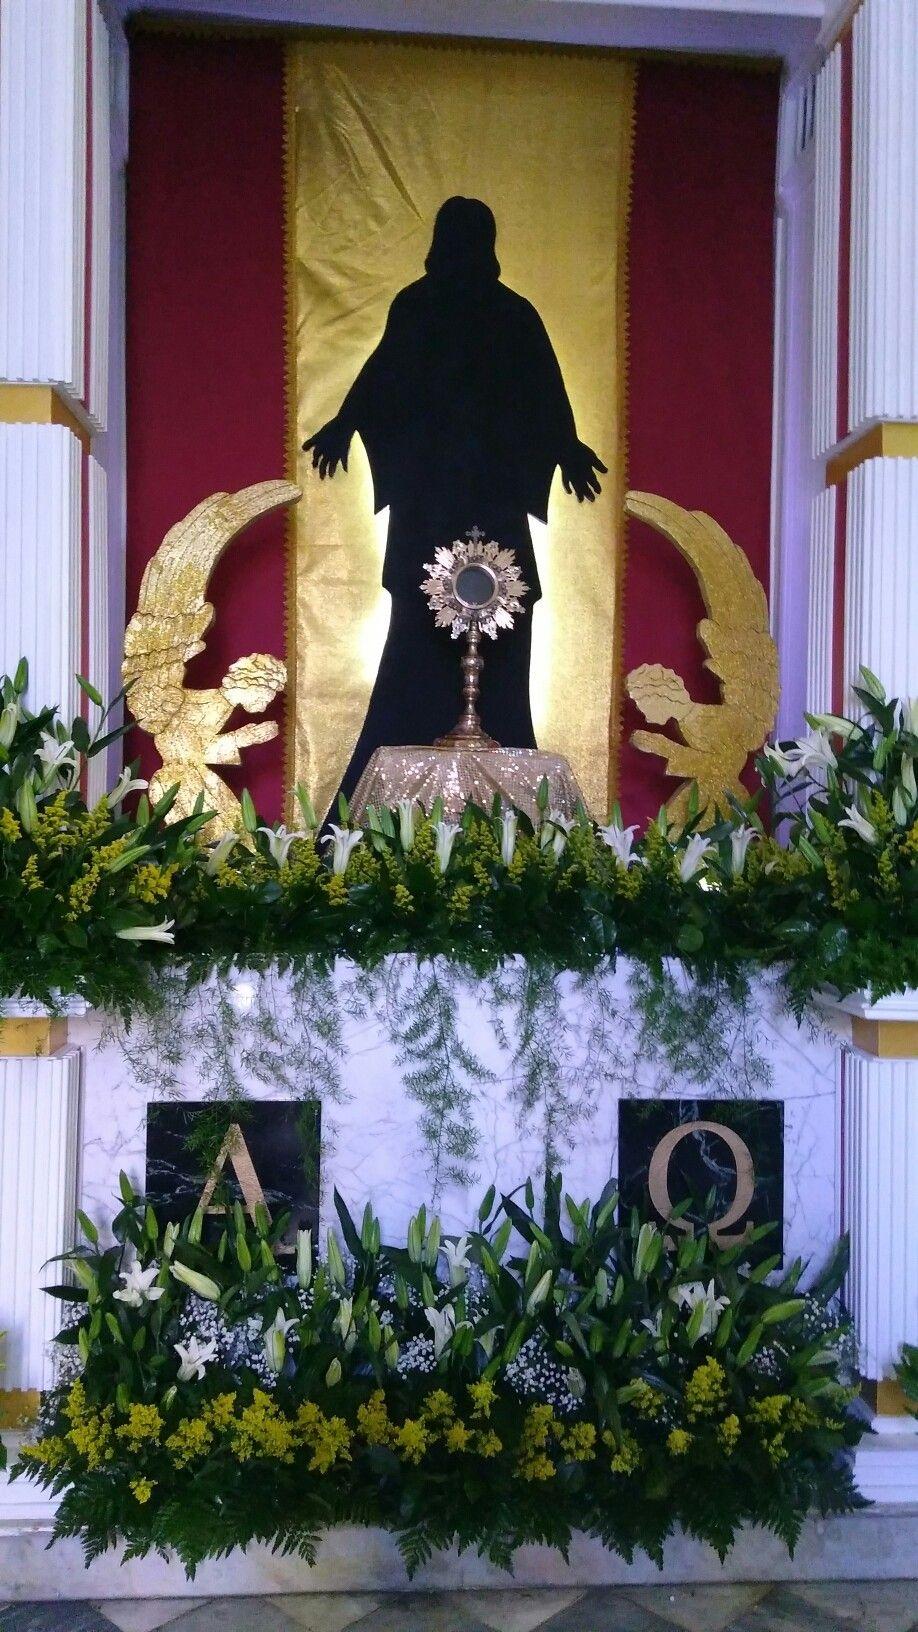 Easter Flower Decorations For Church Valoblogi Com